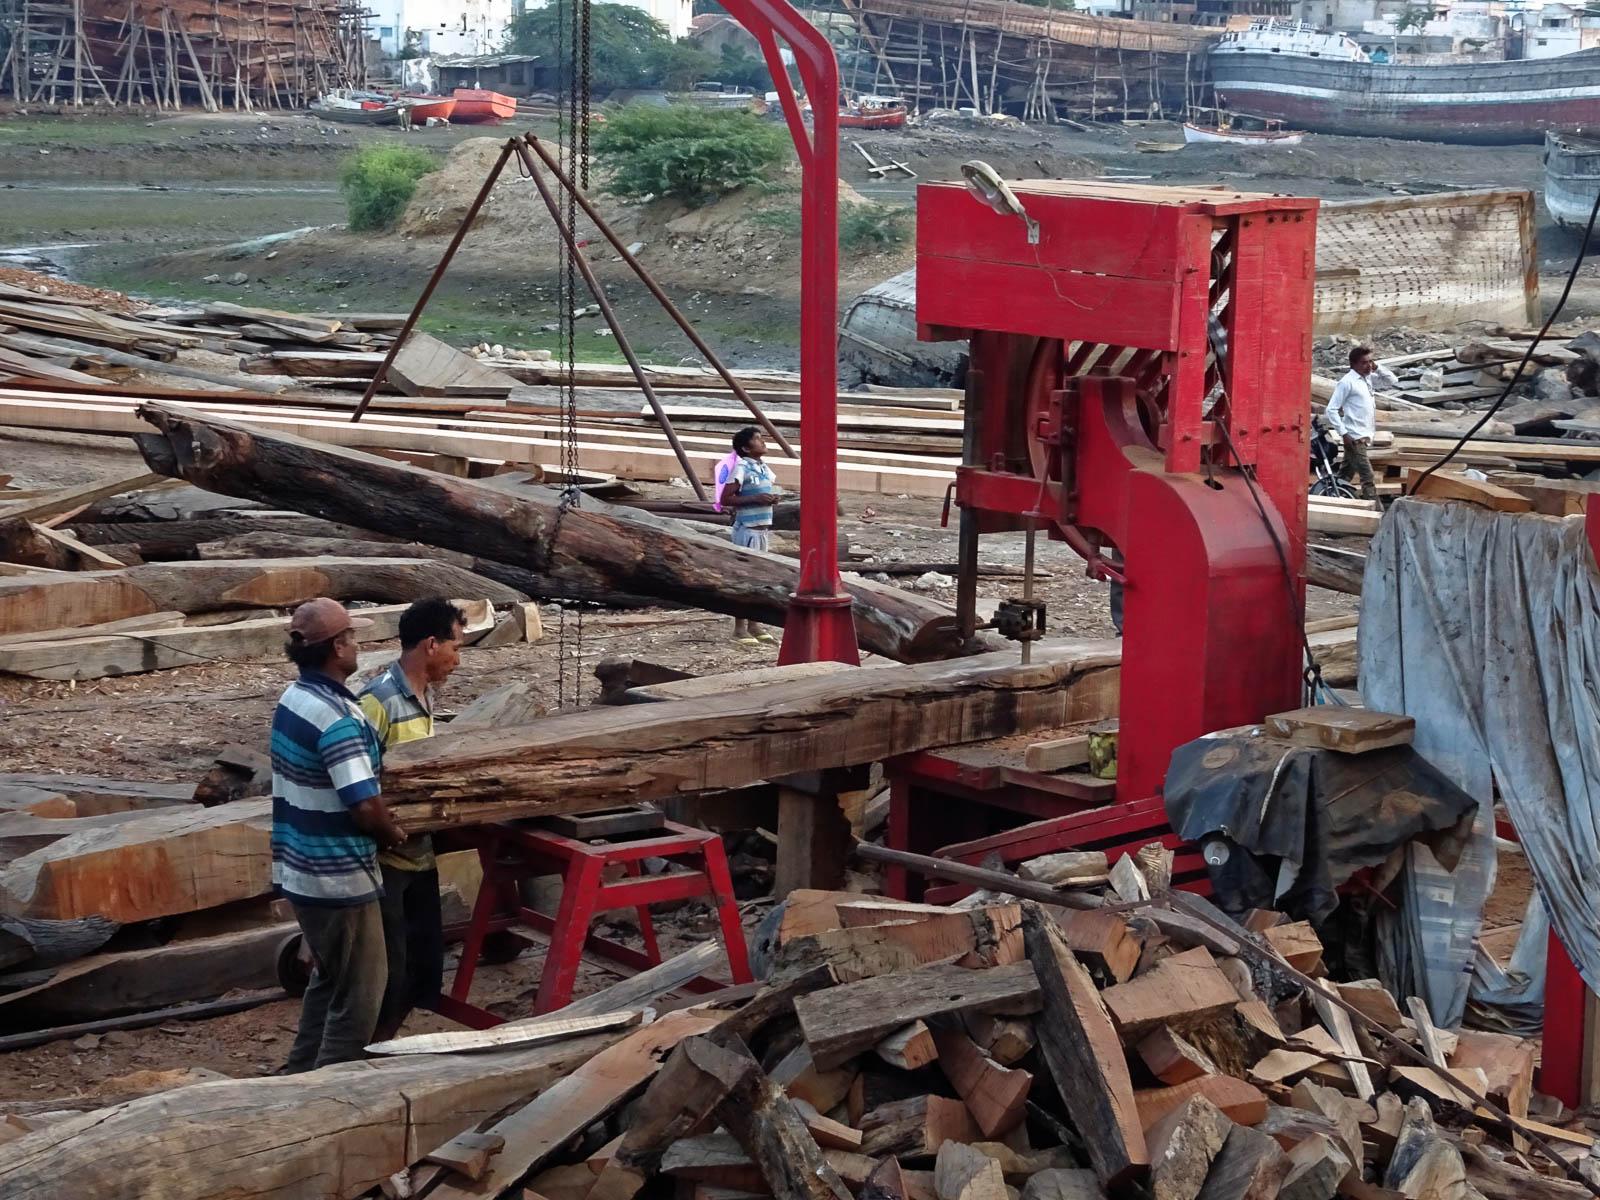 1029_Mandvi_Boat-5.jpg